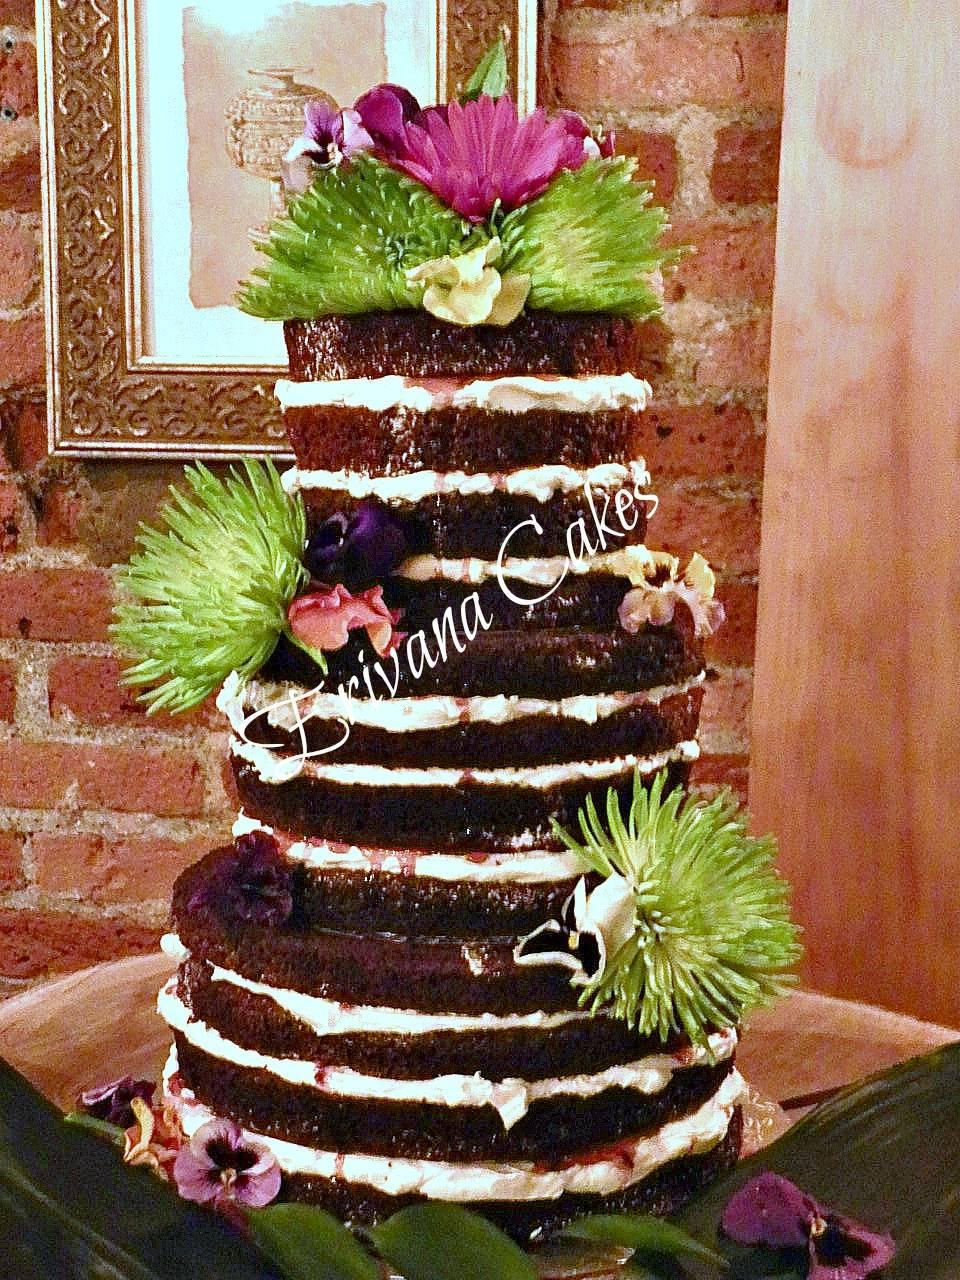 Naked/Bare wedding cake